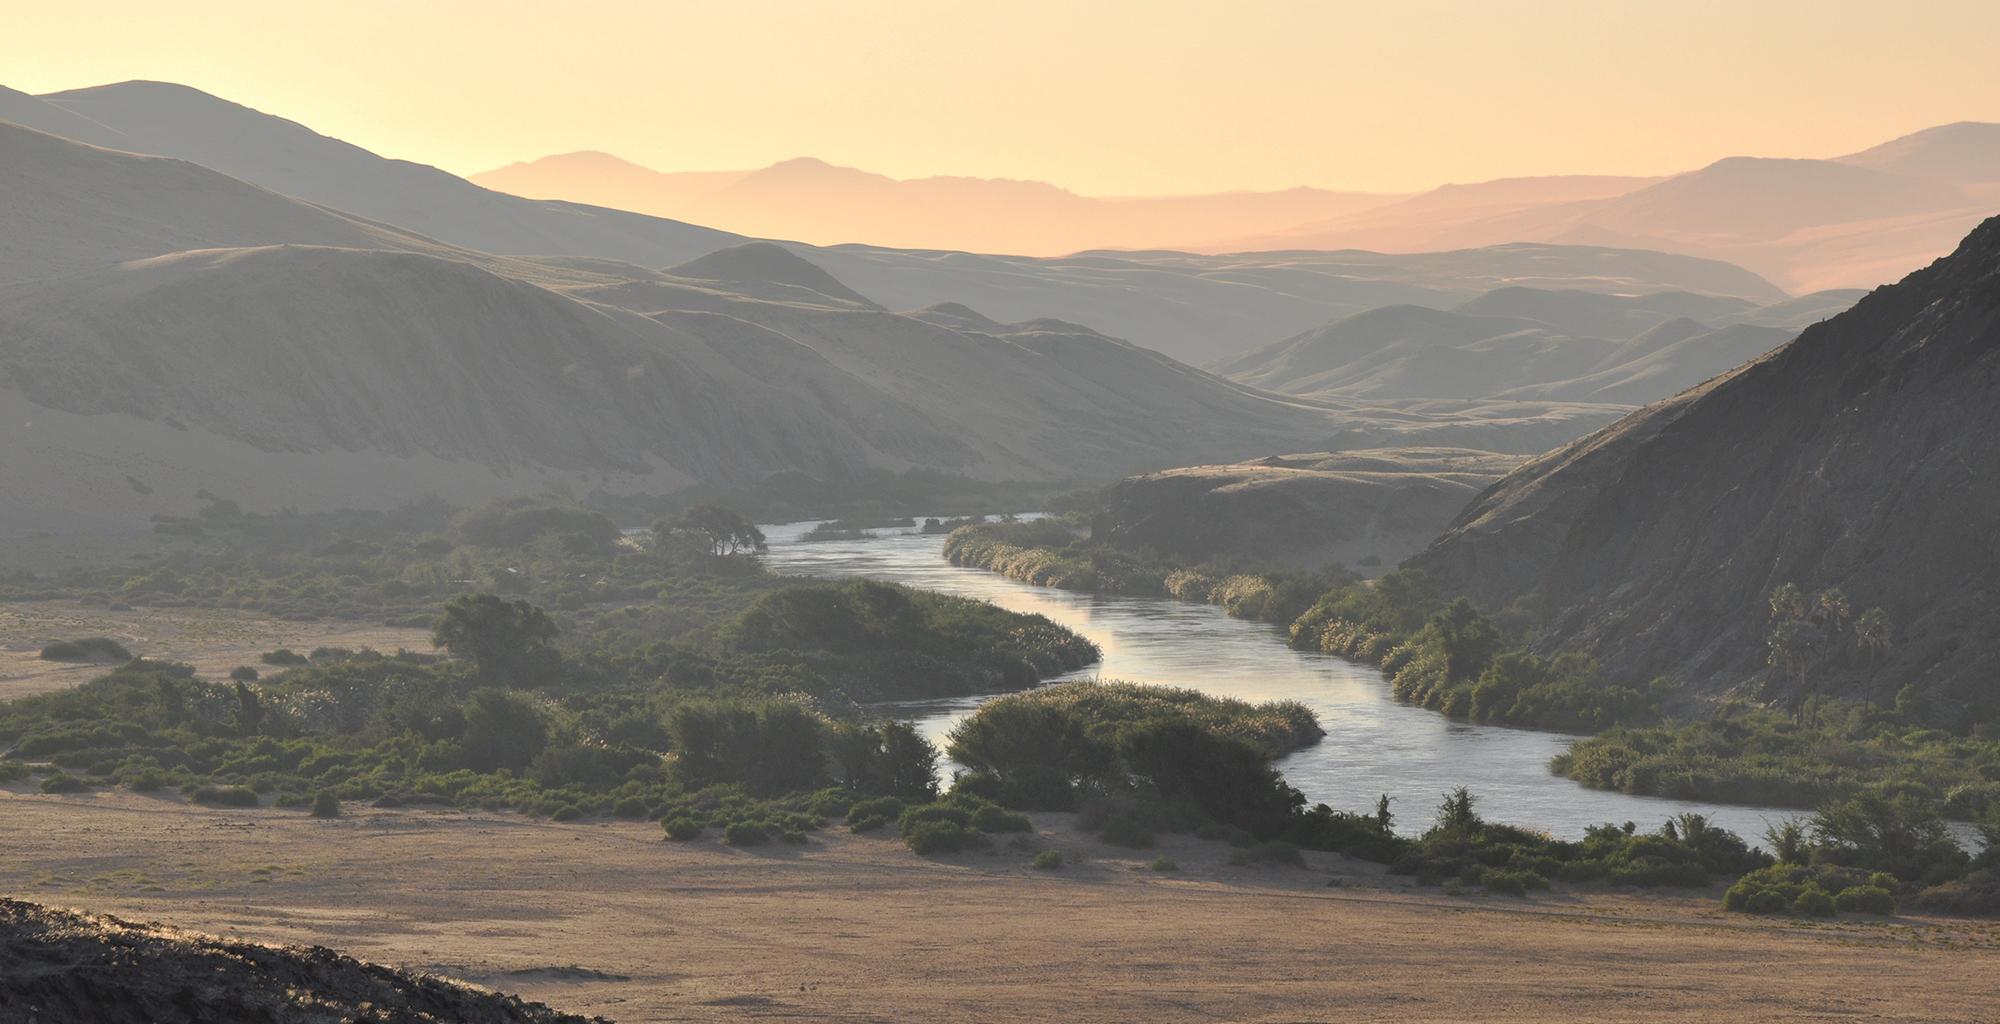 Namibia-Tracks-and-Trails-Etosha-Kunene-River